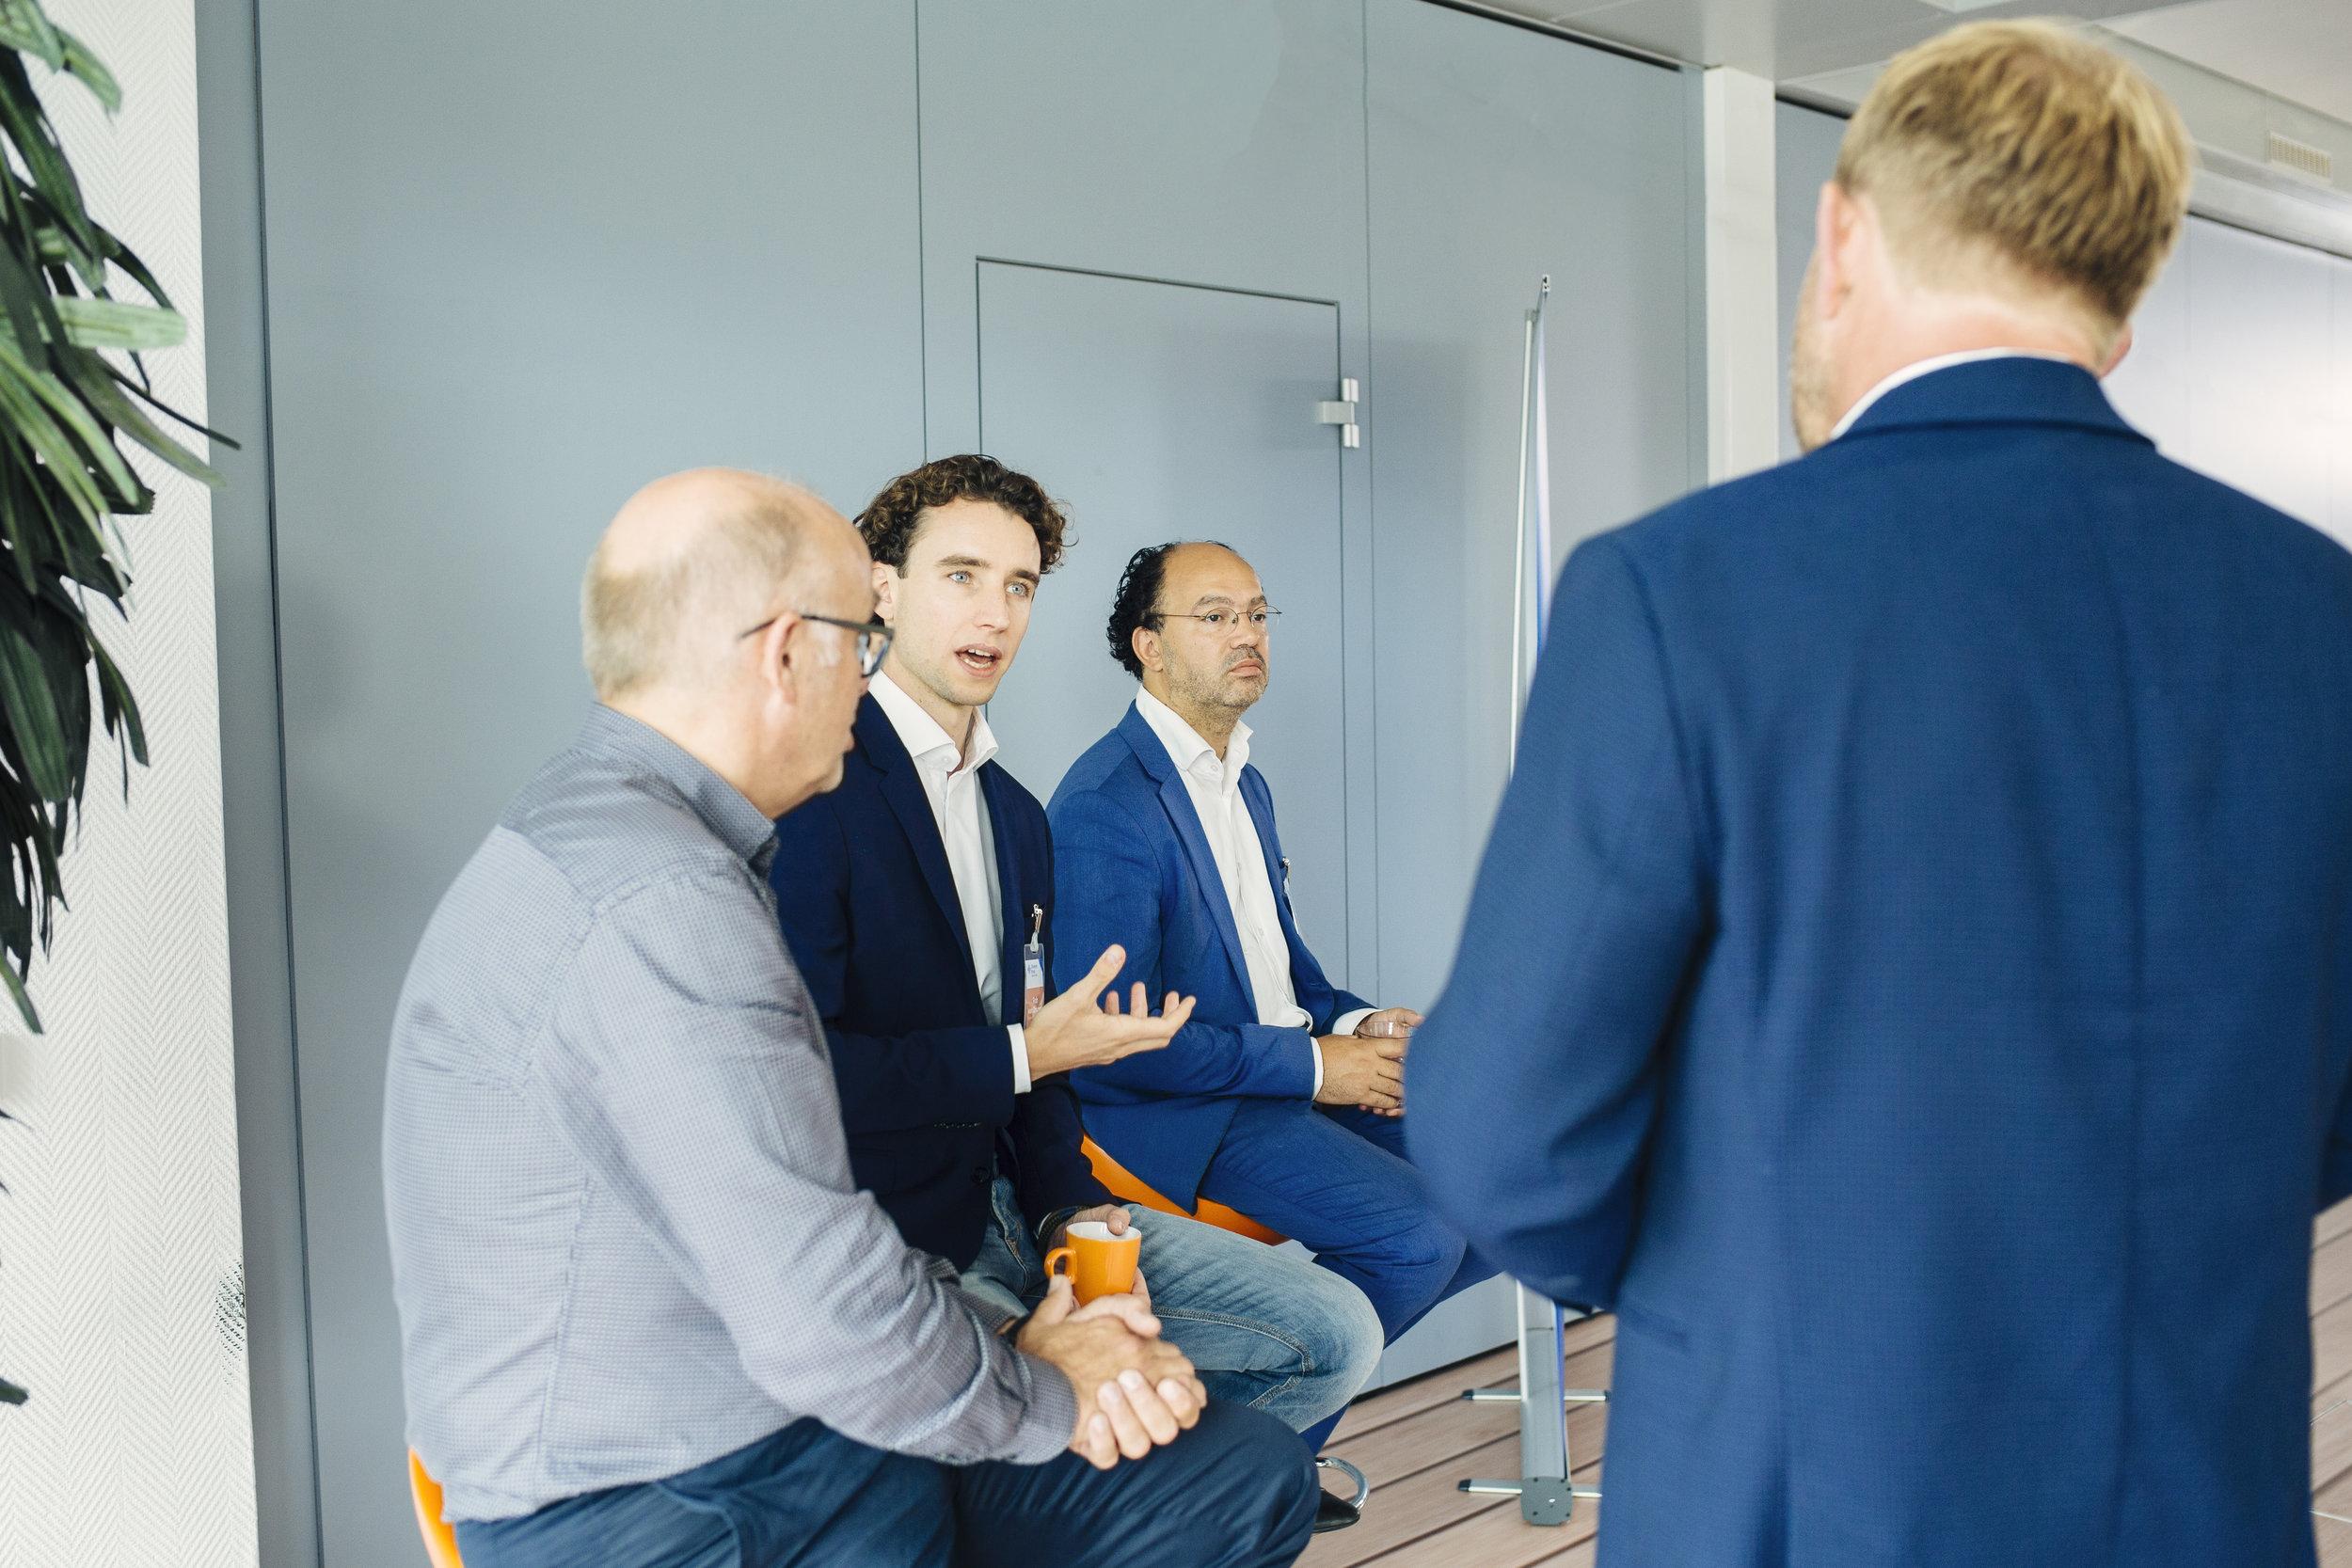 Voor de landelijke campagne van Zilveren Kruis over Vitaal Leiderschap zat ik als expert op dit thema in het panel, samen met Kilian Wawoe (r) en Koos Telkamp (l), in gesprek met leidinggevenden o.l.v. Harm Edens.